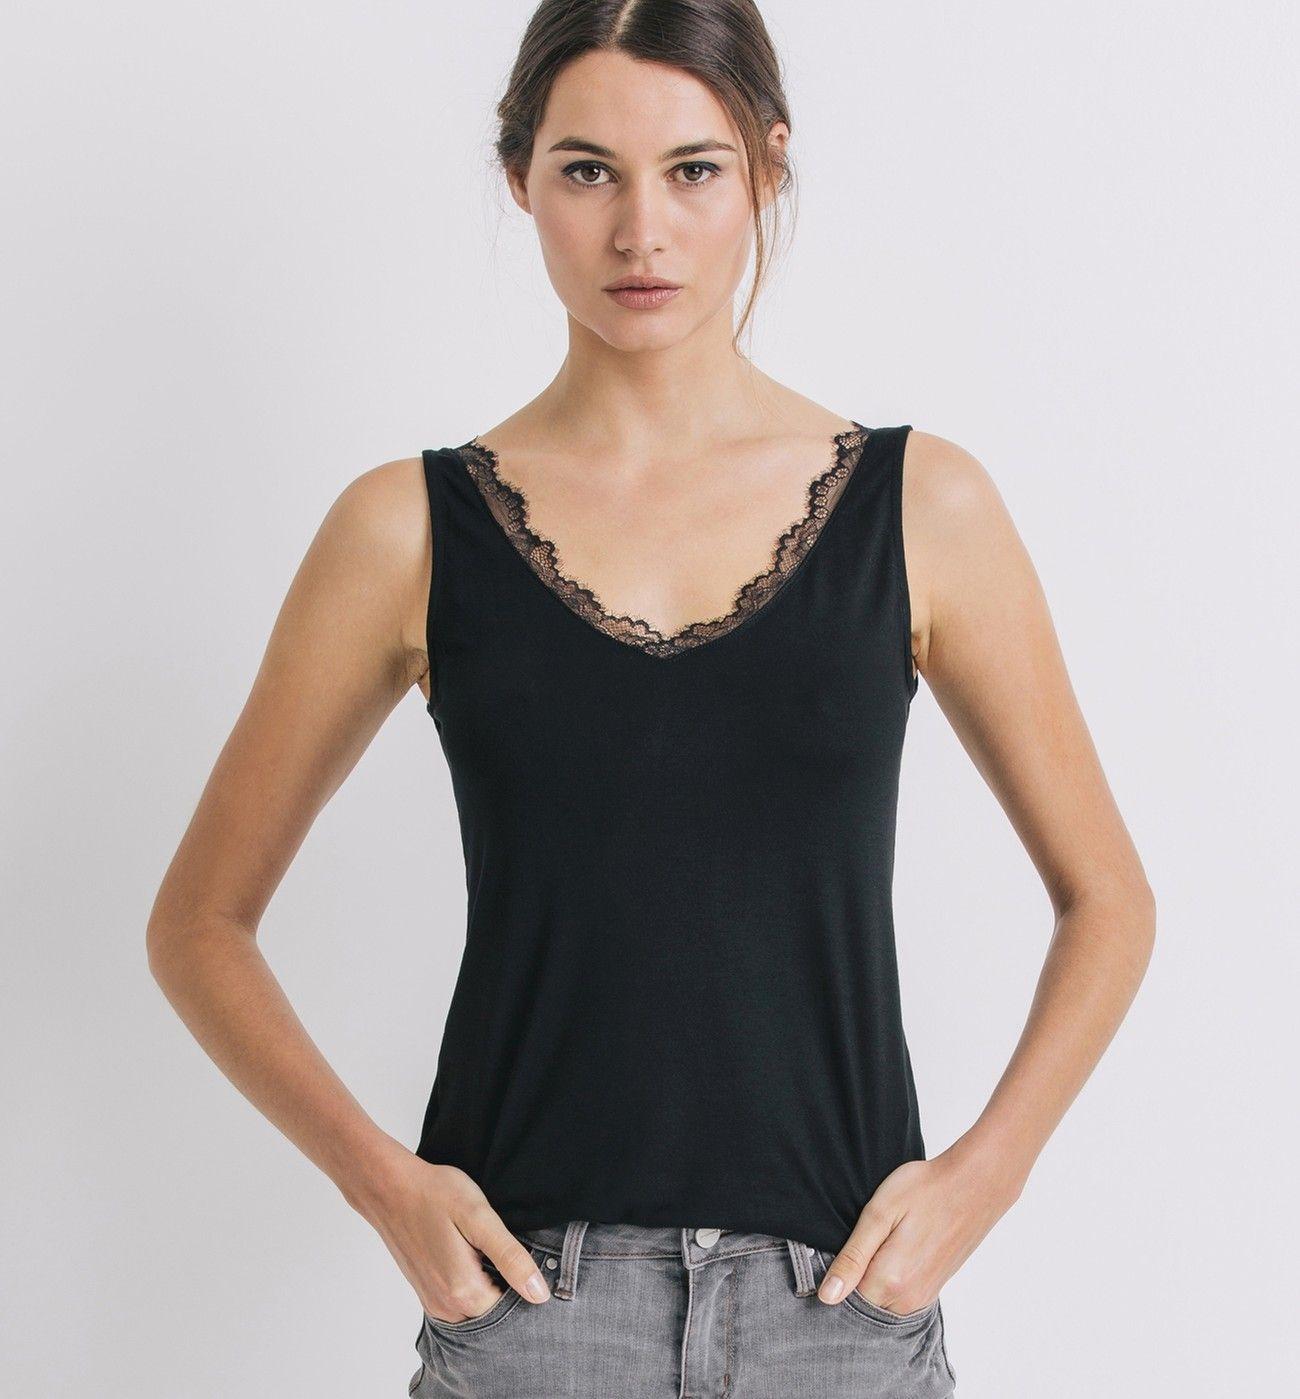 Les tops, débardeurs, tops à bretelles et tops sans manches pour femmes  sont sur la boutique en ligne Promod : mode femme - Livraison et Retour  gratuits en ...